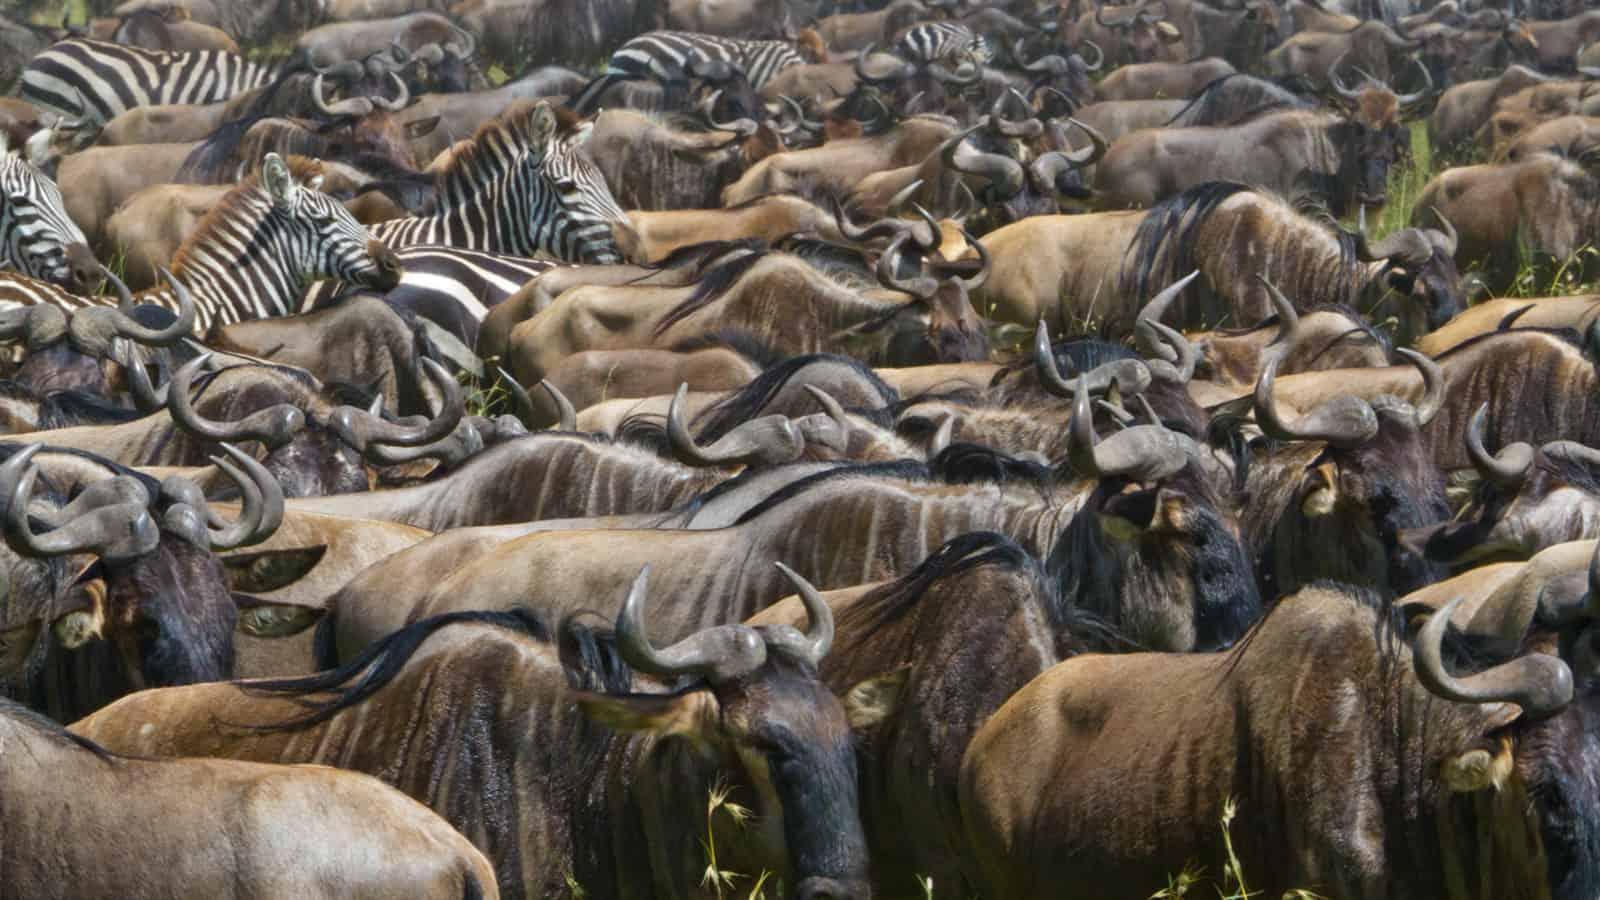 Serengetis Kusiniplains